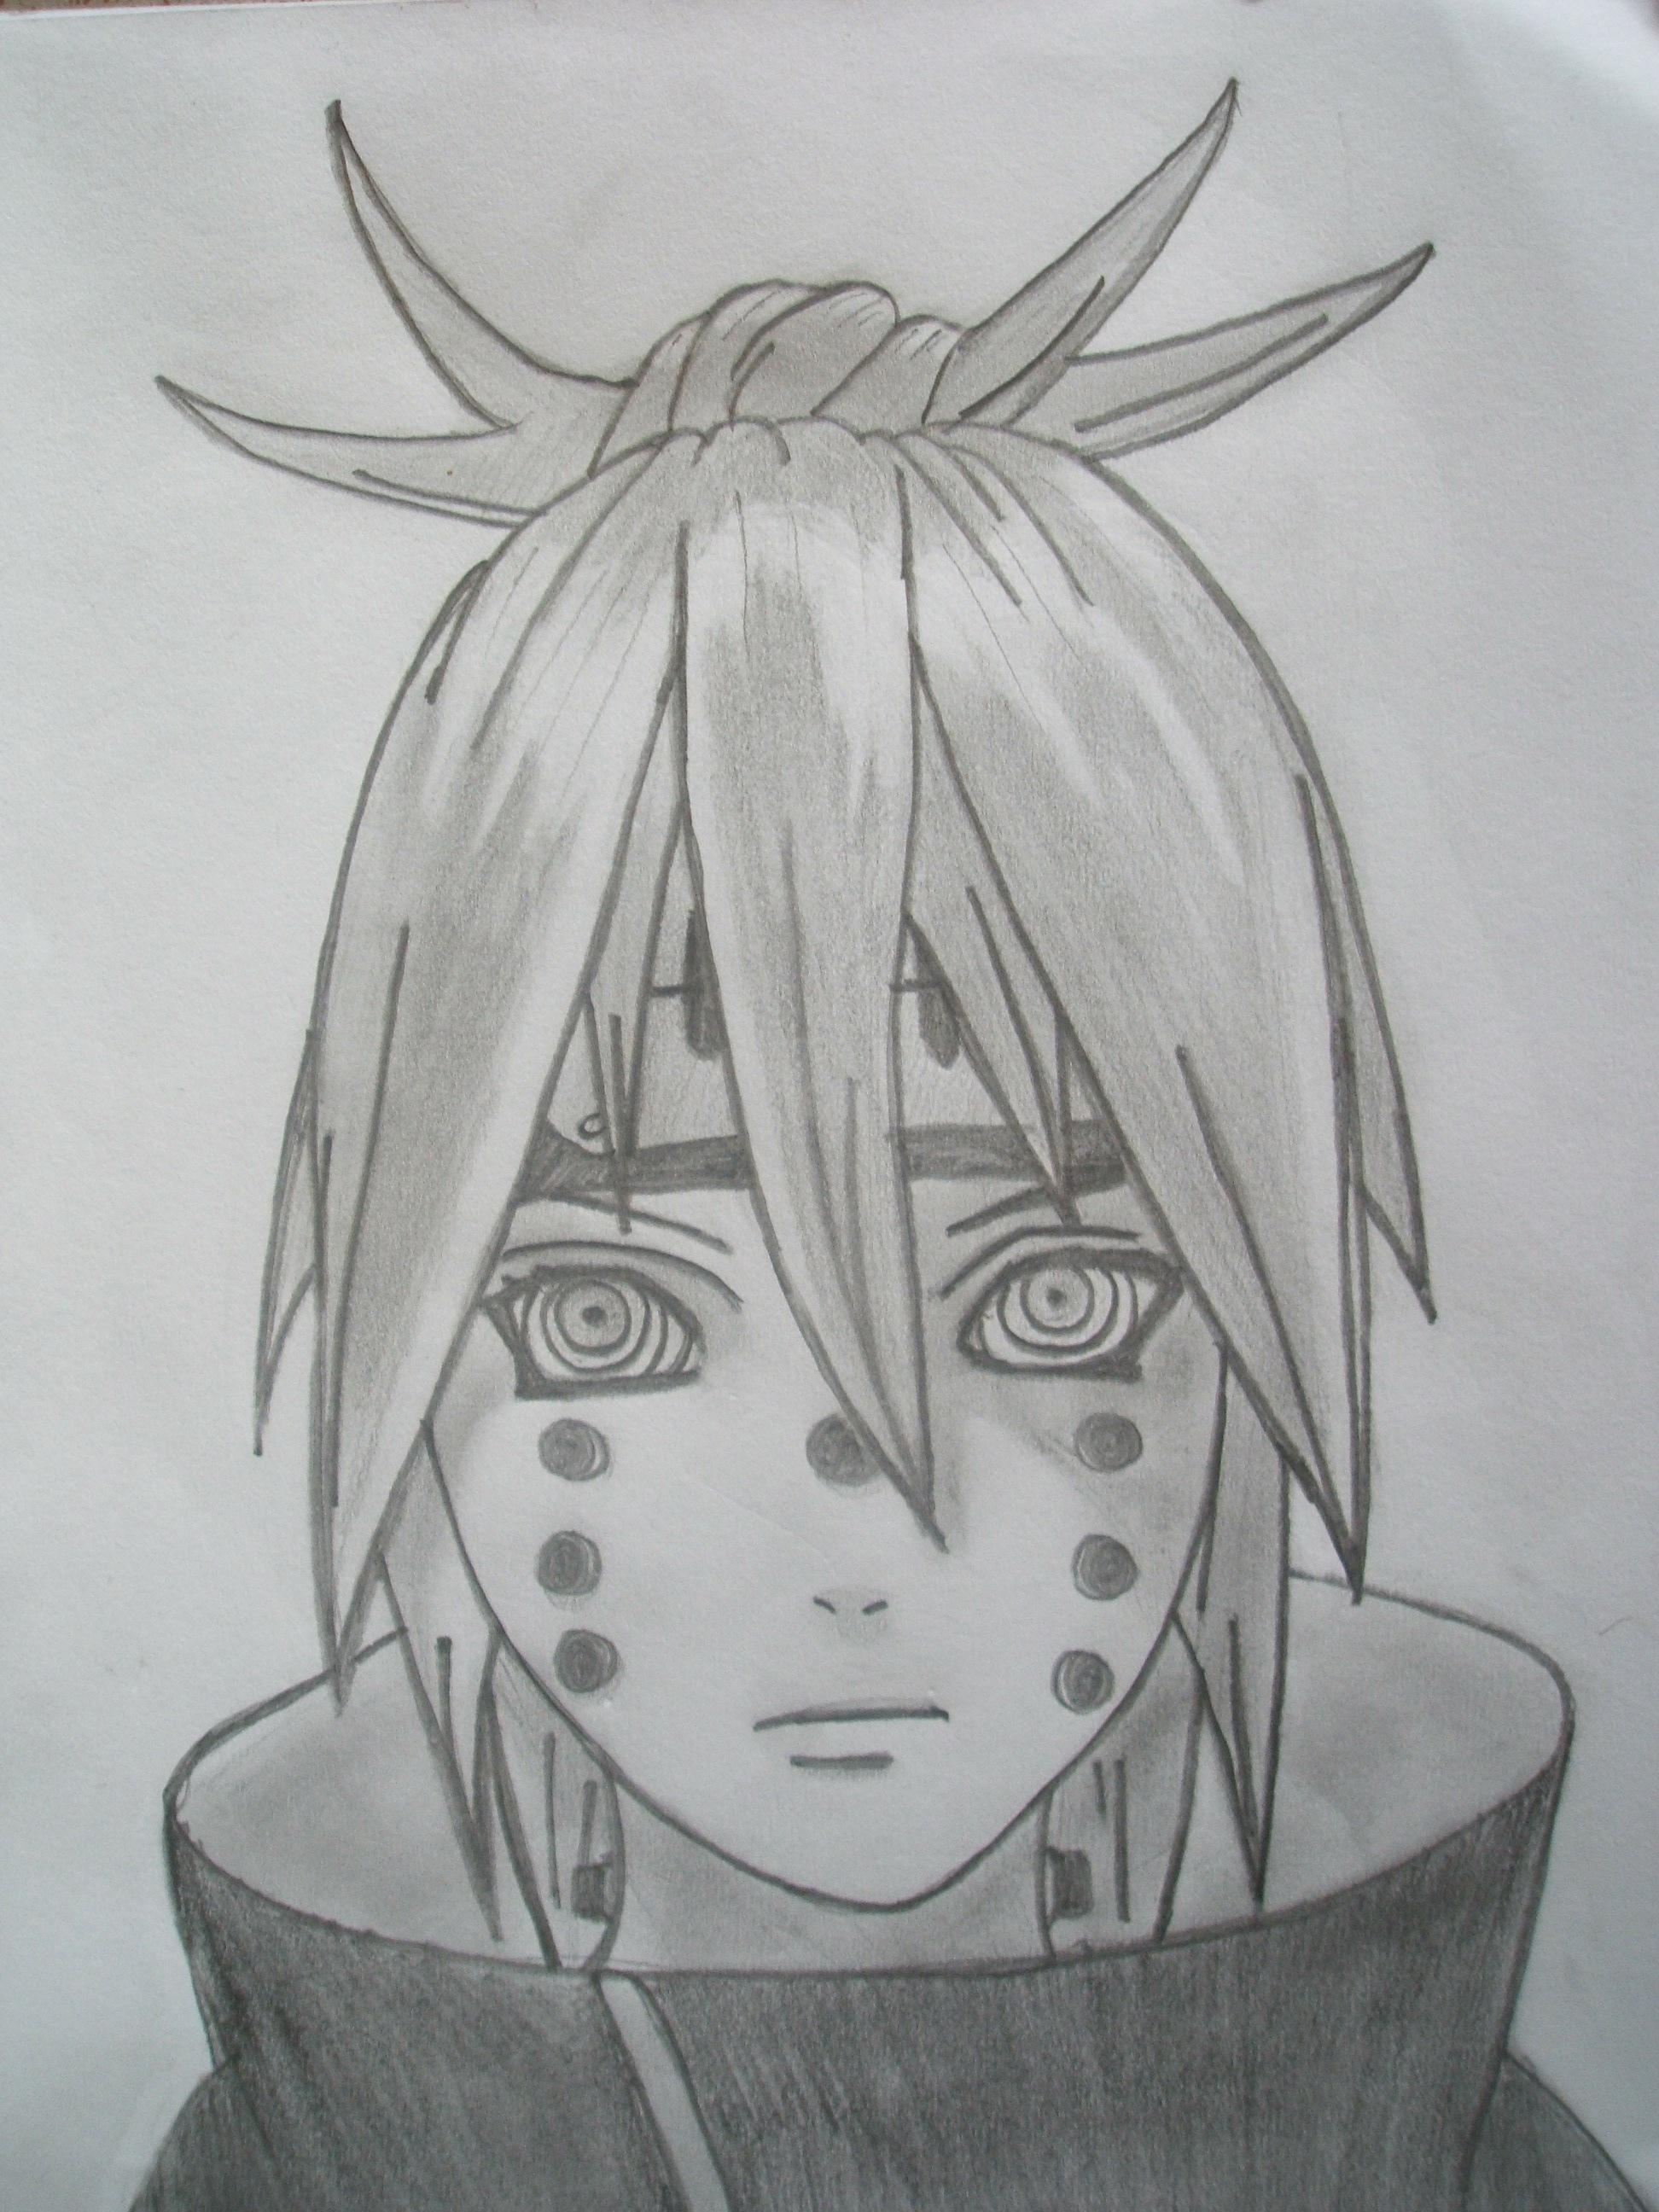 Drawn naruto naruto shippuden Drawing Shippuden Realm Phlex Naruto